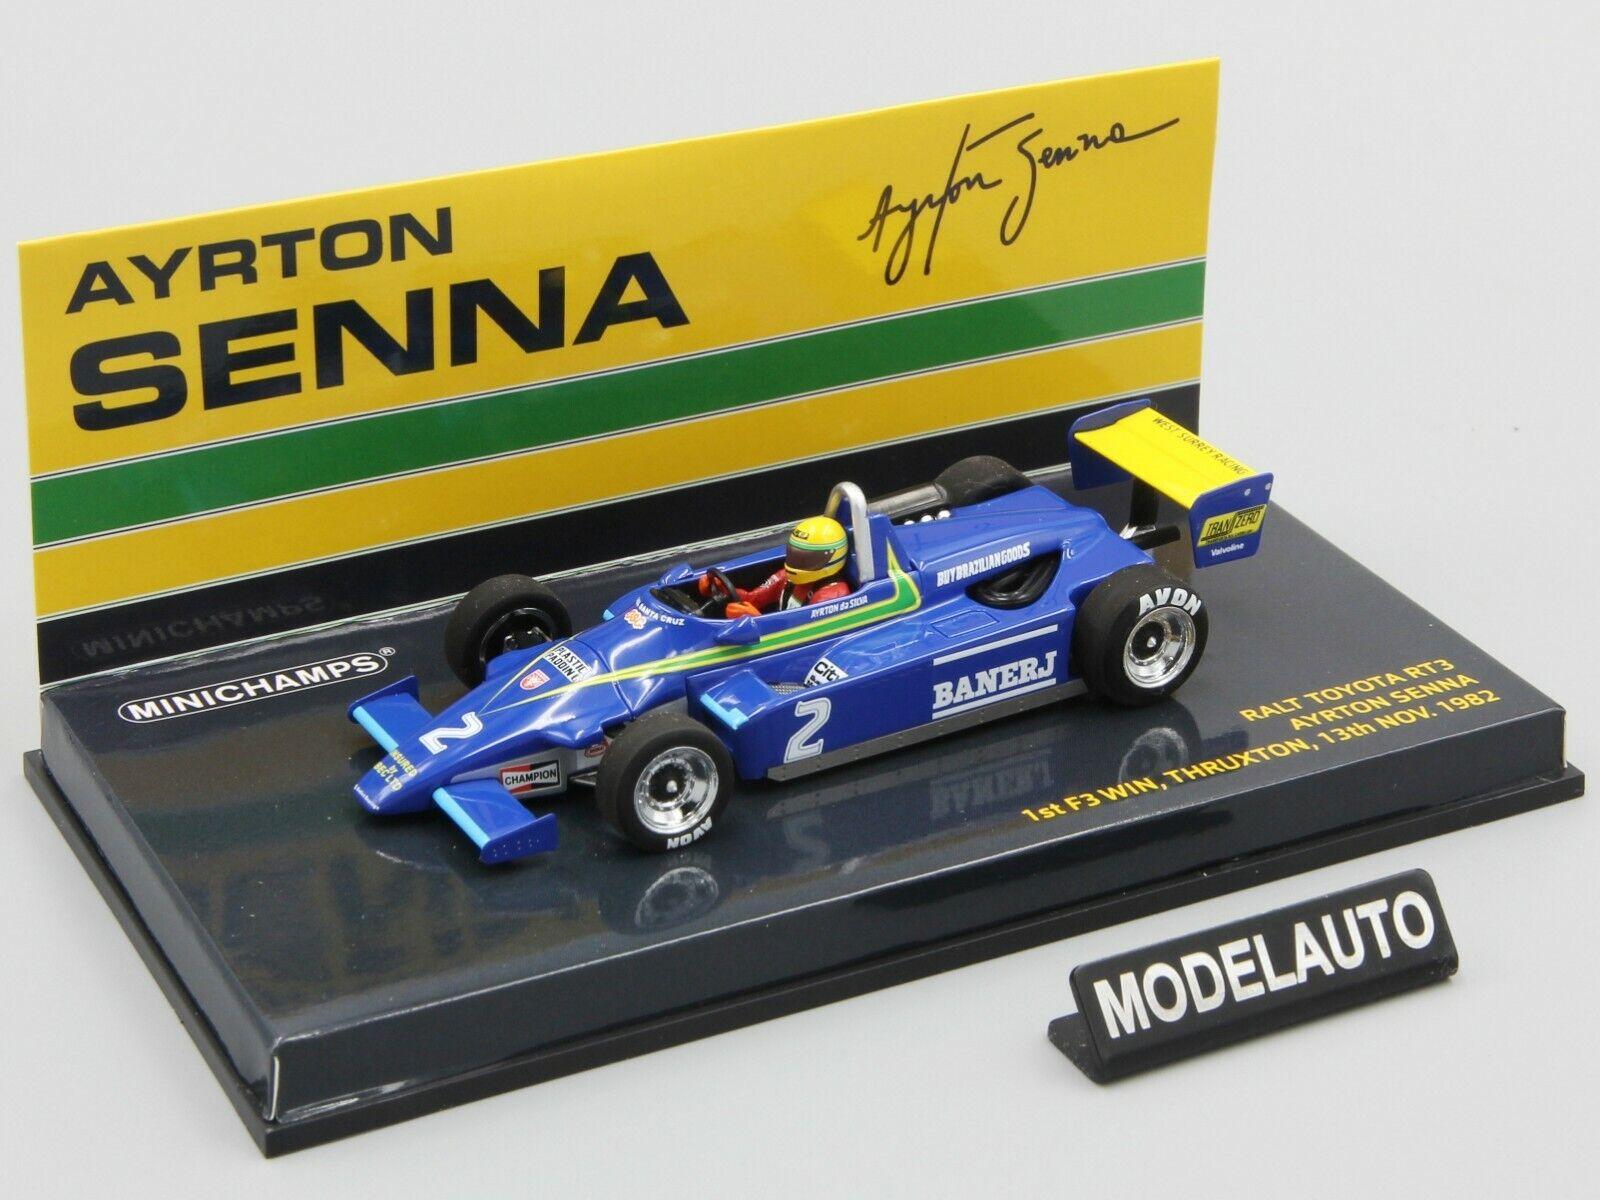 Minichamps 1 43 Ralt Toyota RT3 Ayrton Senna  1st F3 Win Thruxton 13 Nov. 1982